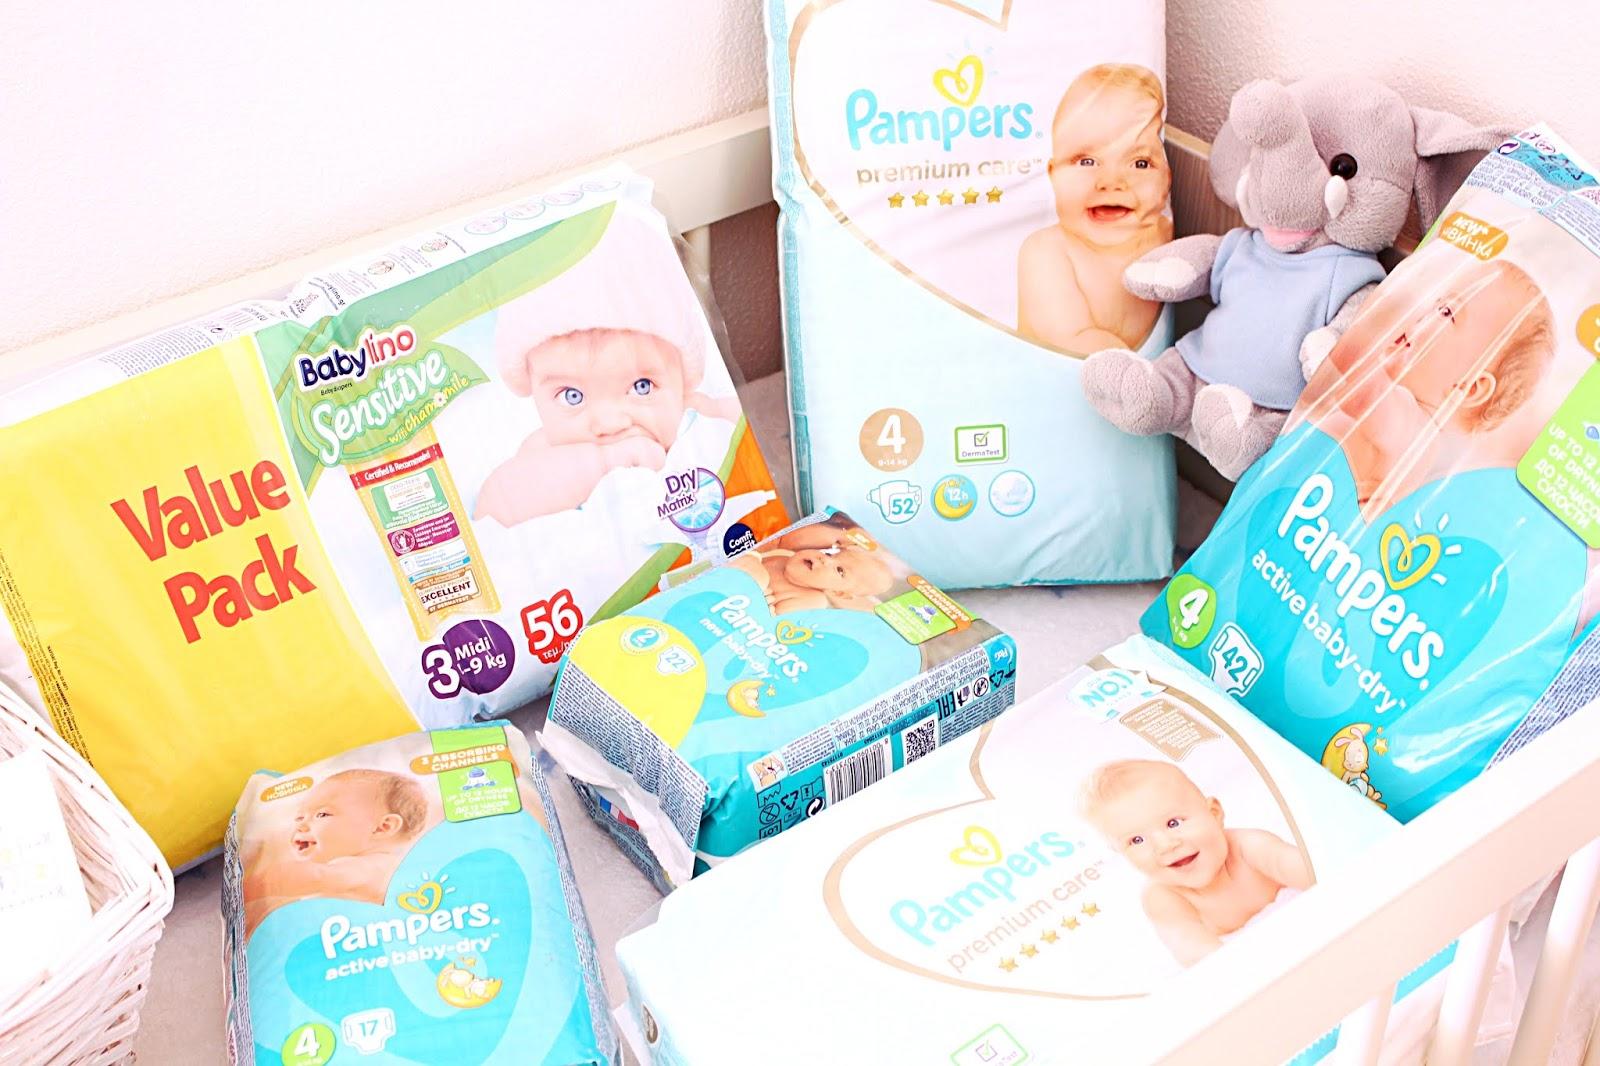 koliko pelena treba novorodjencetu/bebi prva 3 meseca; Pampers premium care Babylino sensitive Agnotis